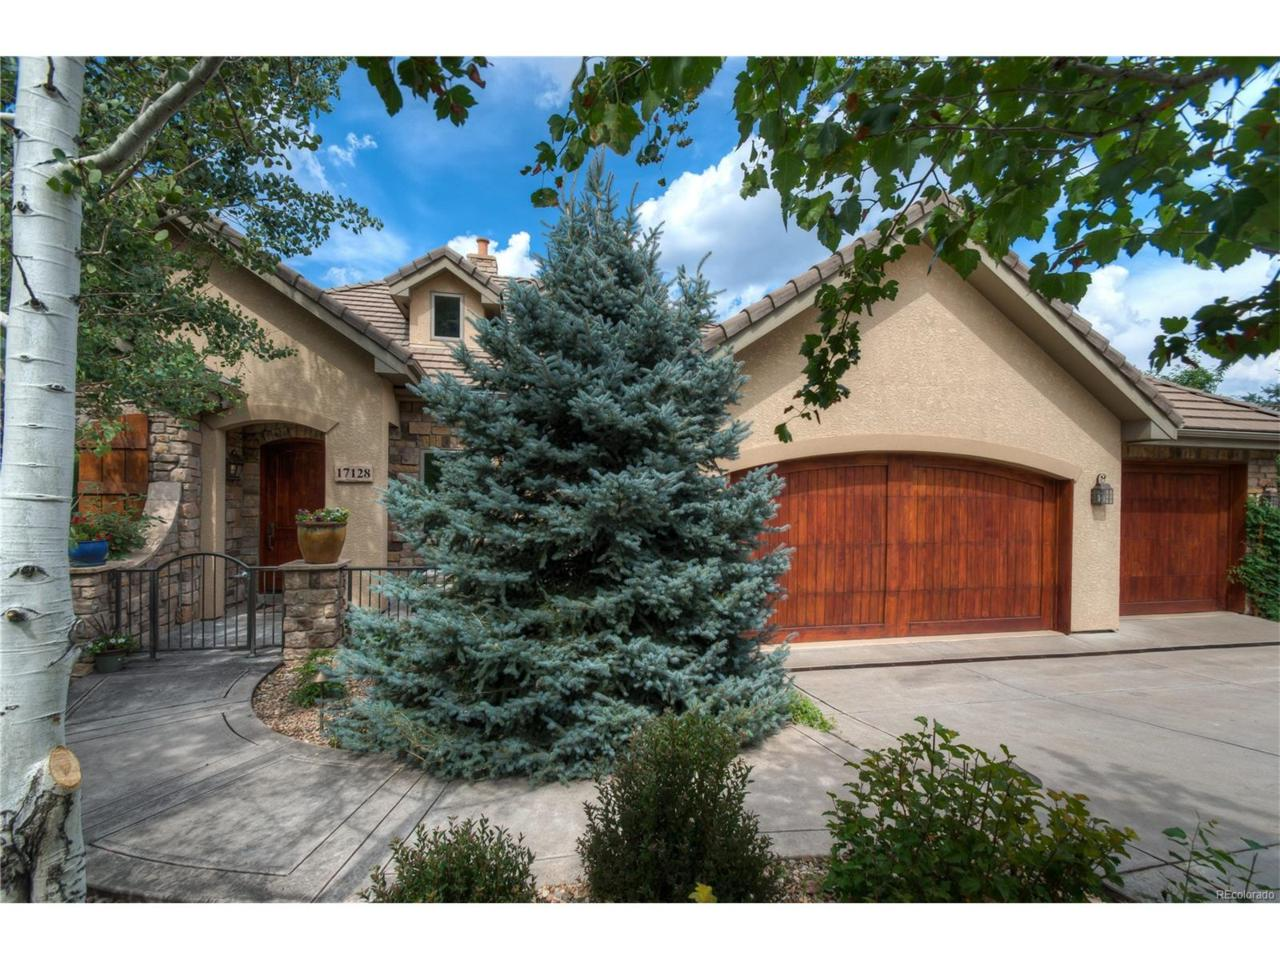 17128 Woodridge Court, Morrison, CO 80465 (MLS #2713665) :: 8z Real Estate